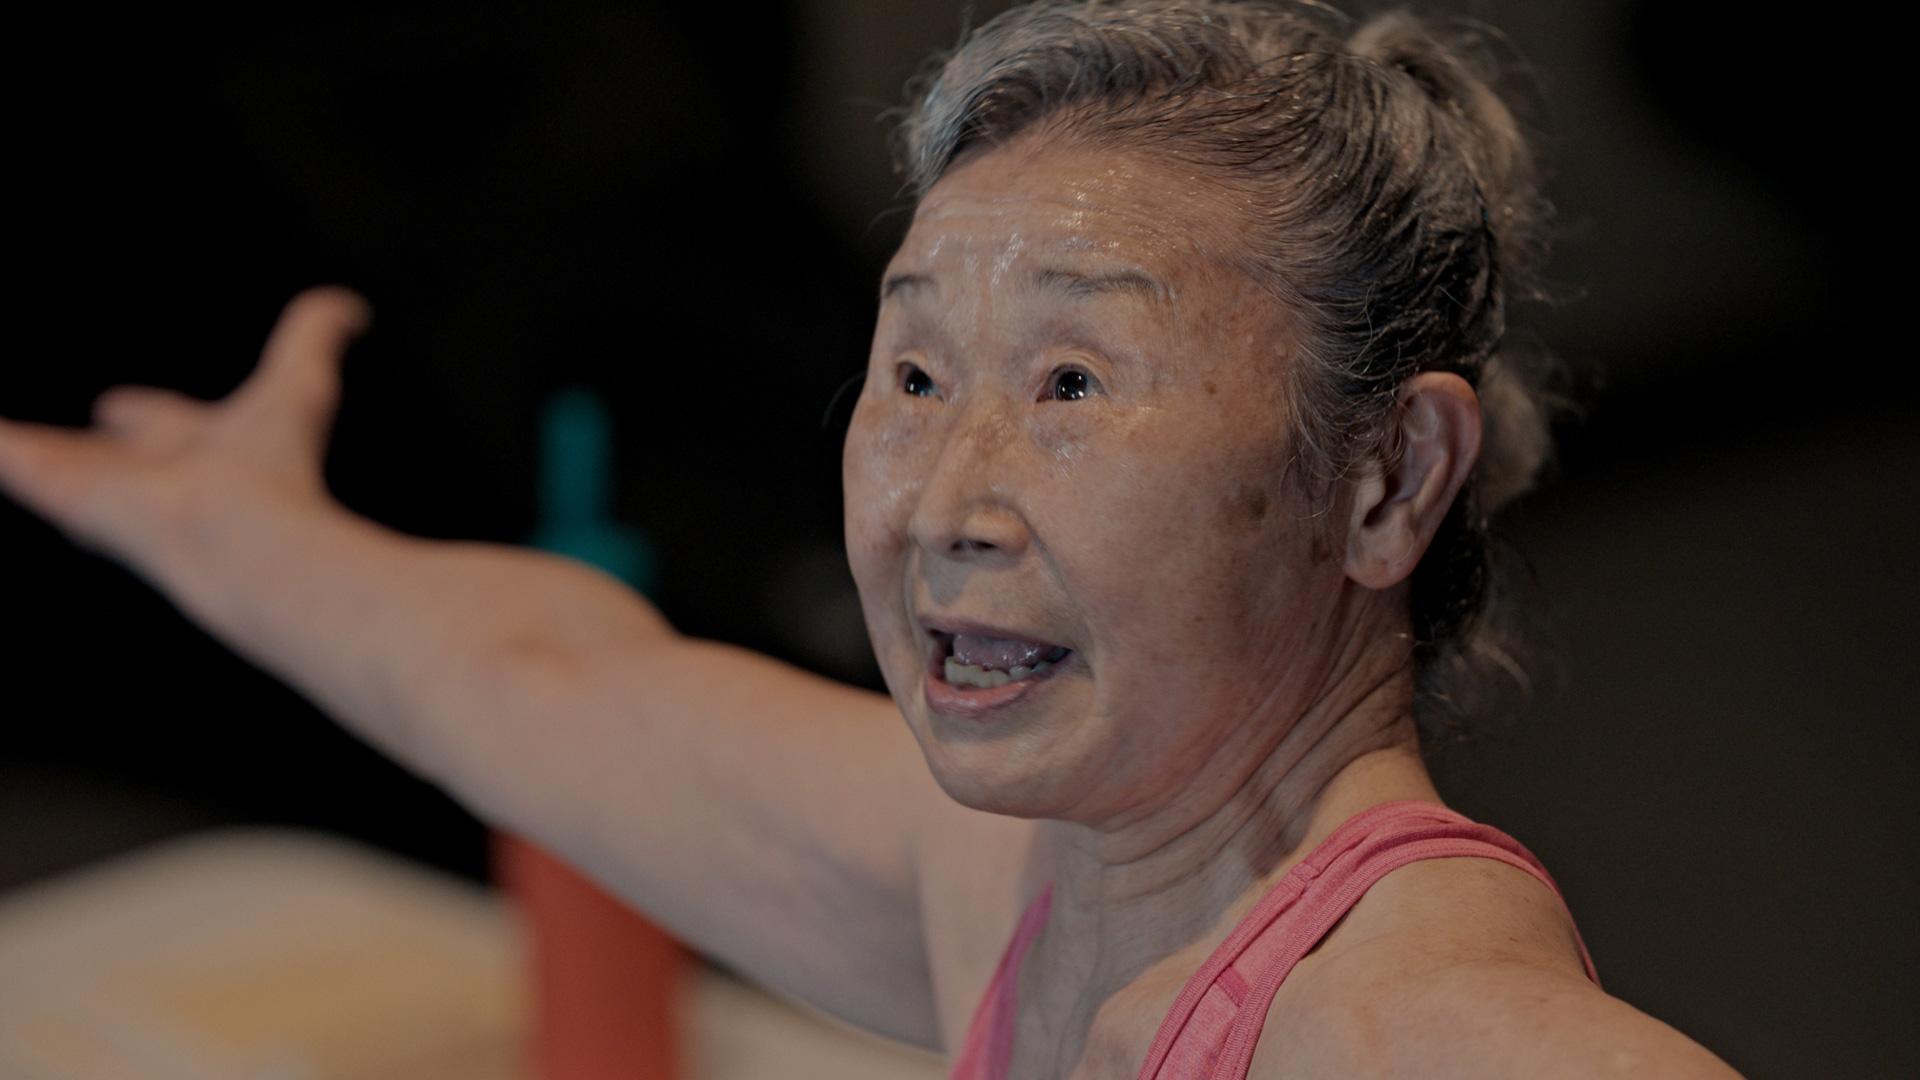 瀧島 未香さん、日本最高齢、90歳のフィットネスインストラクターの滝島さん。